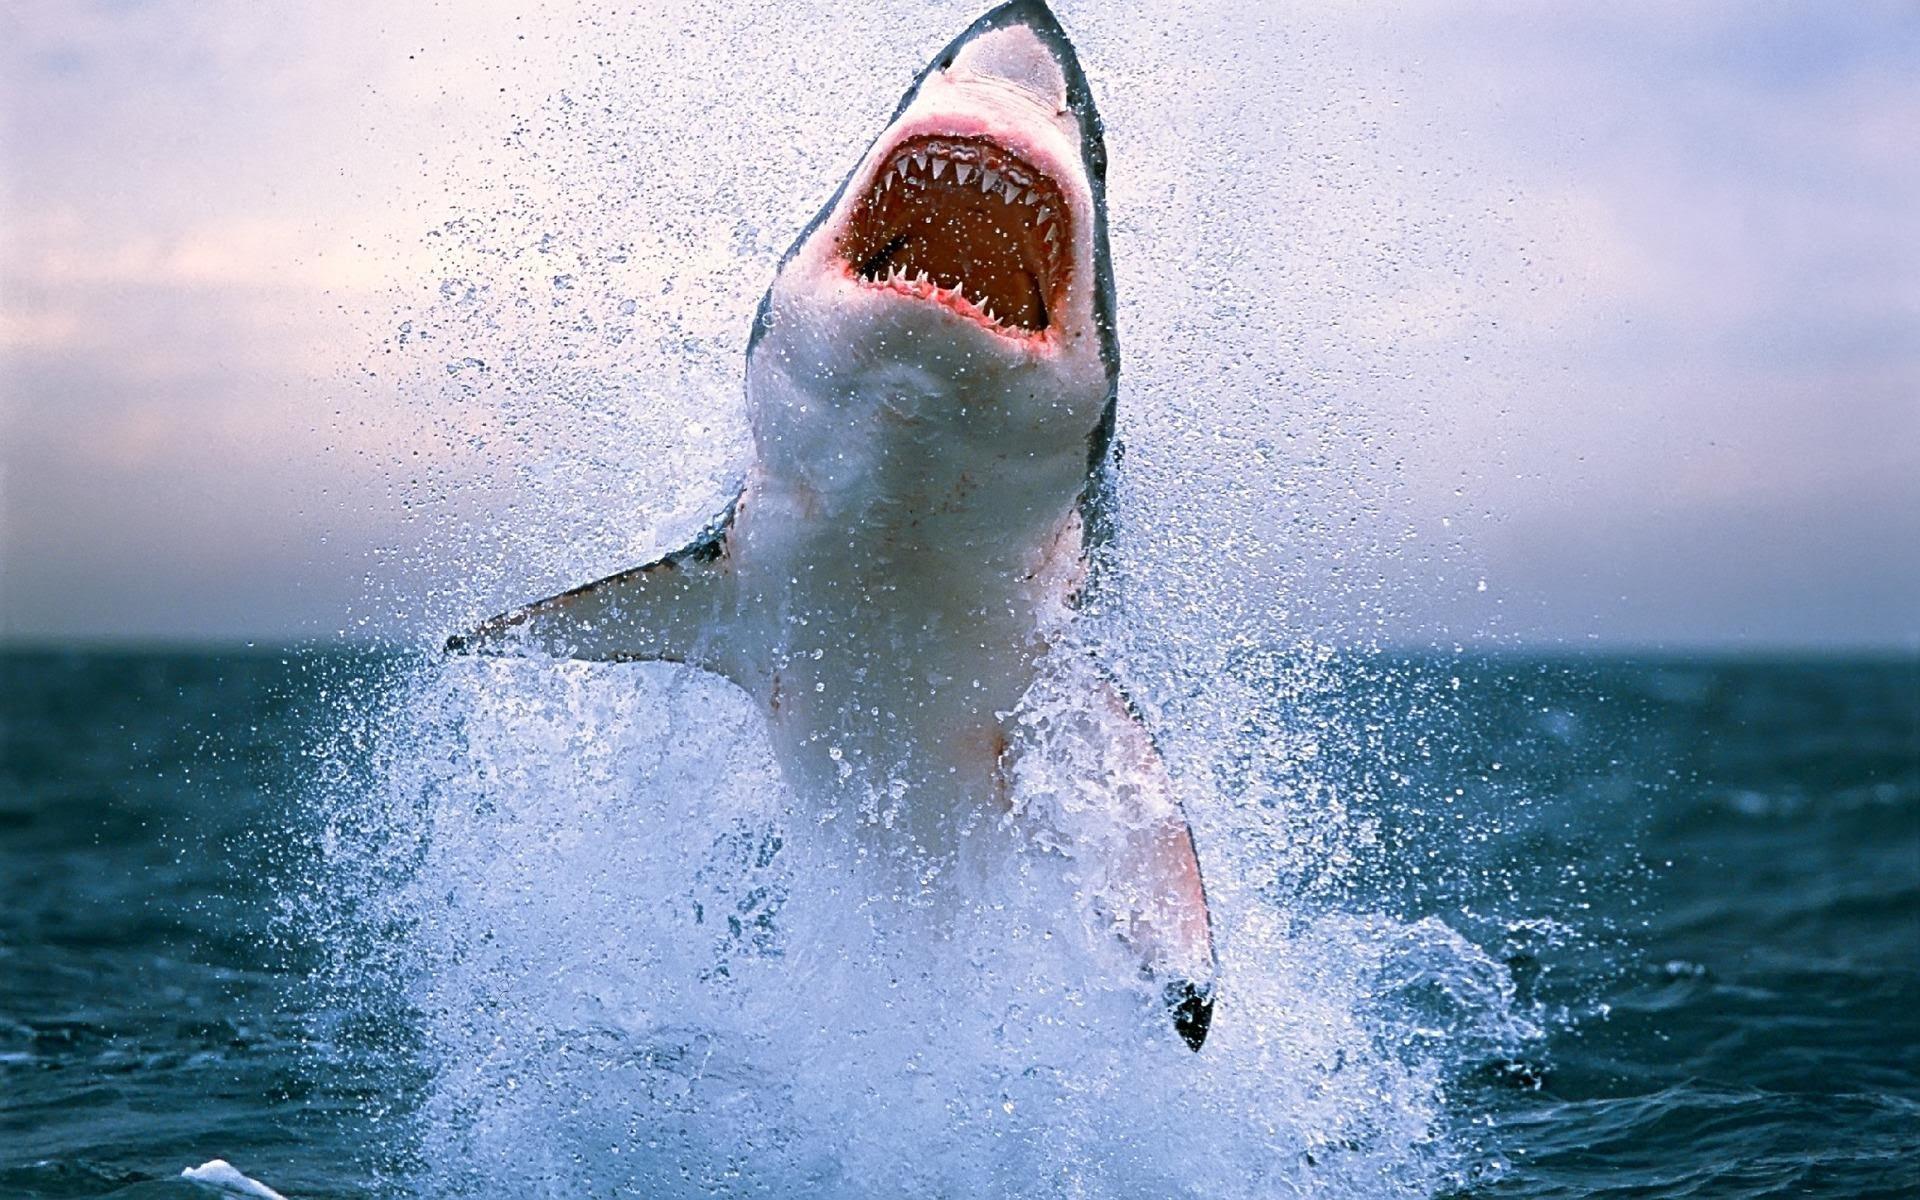 ВСША отыскали красную акулу ииспугались